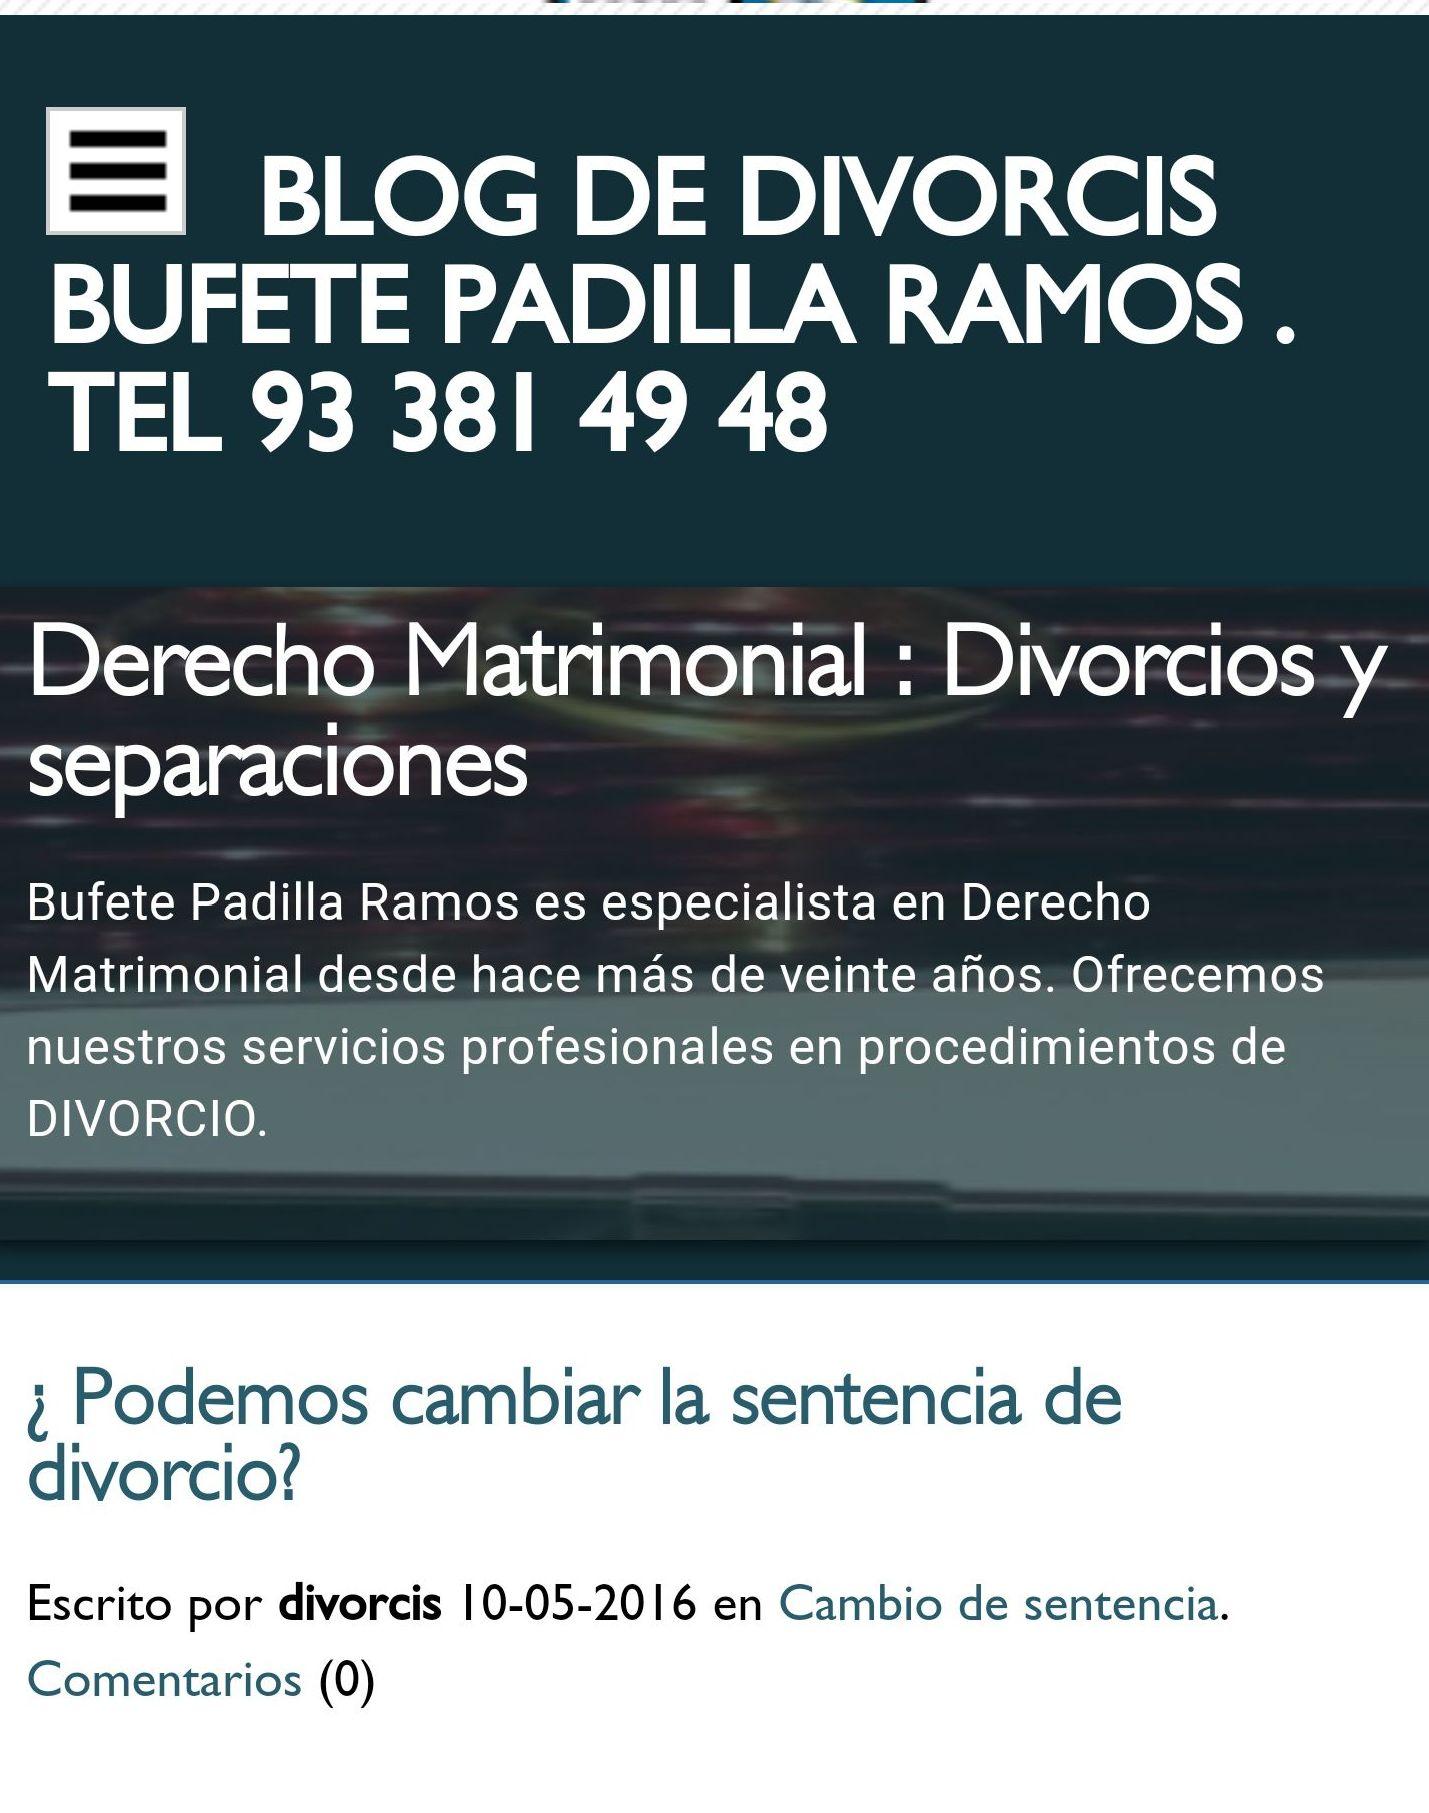 Nuestro blog de divorcis